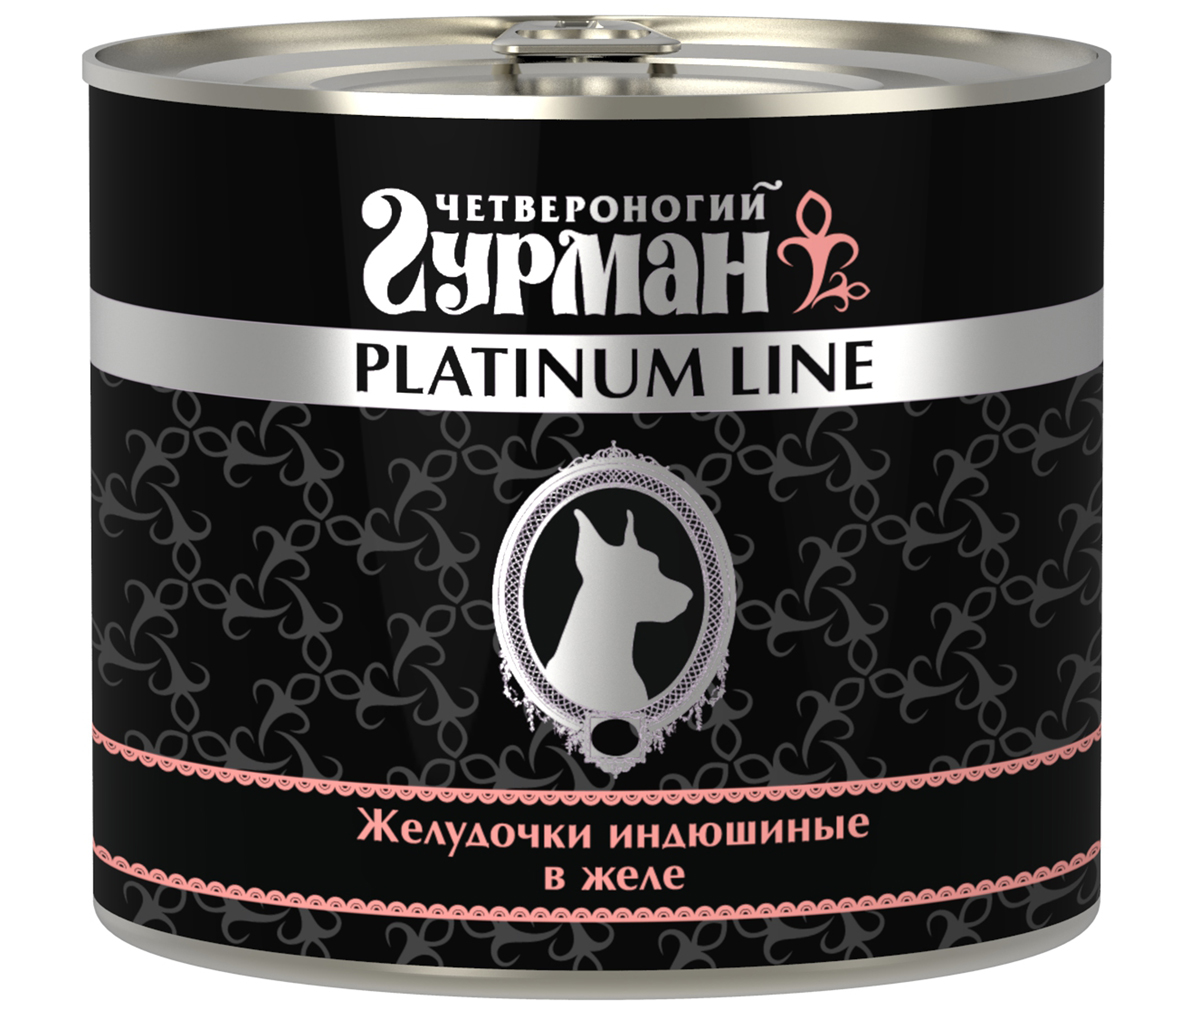 Консервы для собак Четвероногий гурман Platinum Line, желудочки индюшиные в желе, 500 г консервы четвероногий гурман platinum line рубец в желе изысканное лакомство для собак 240г